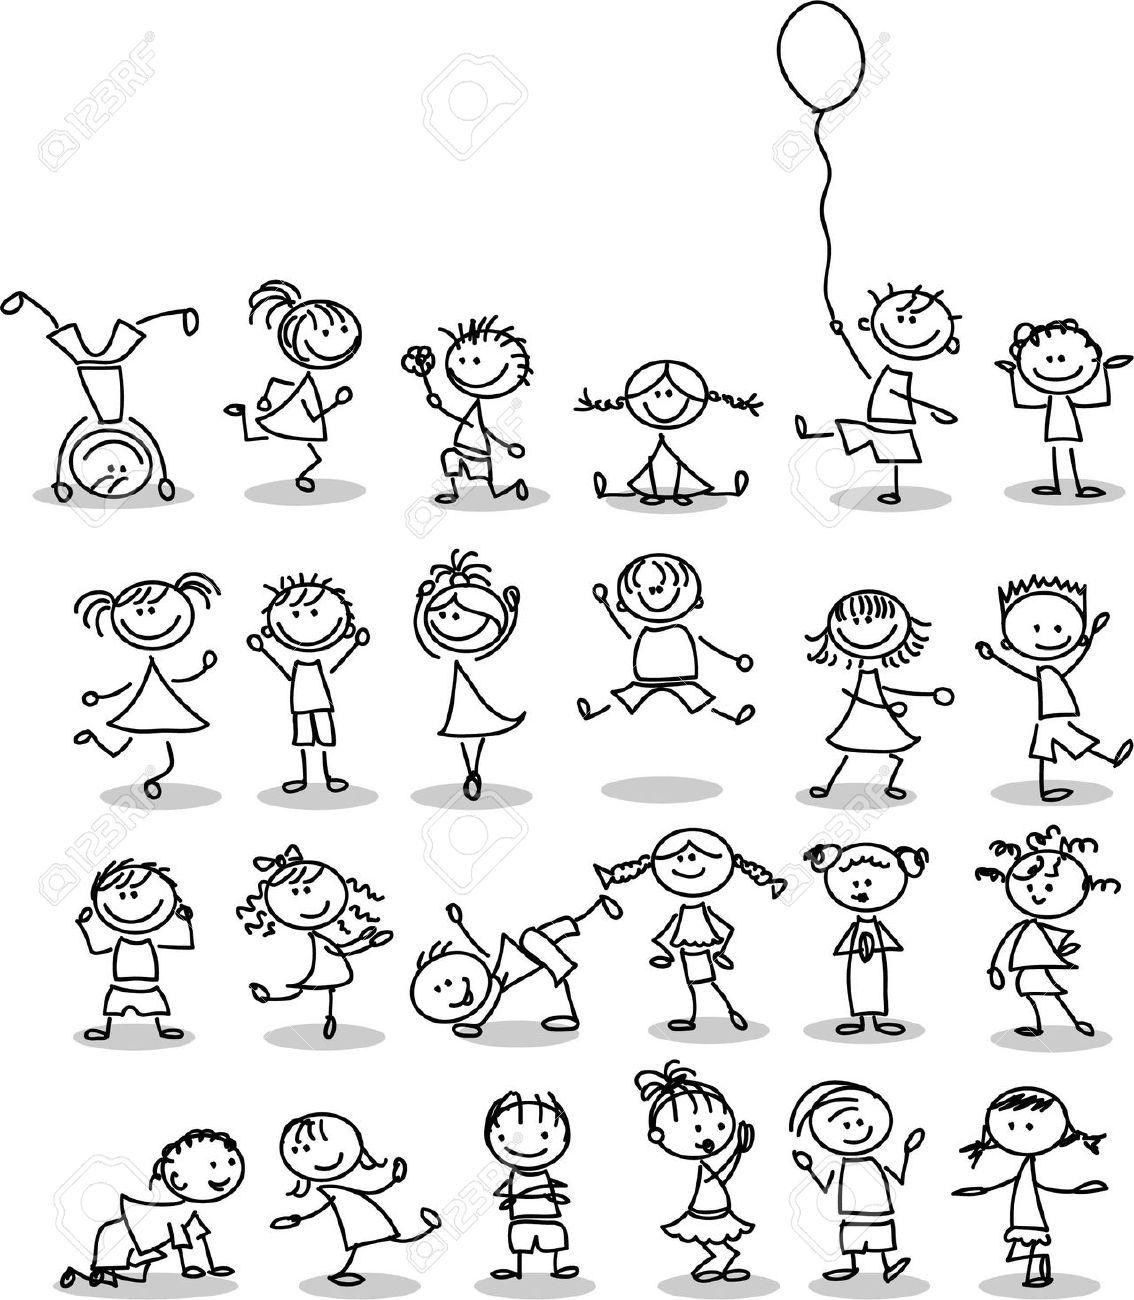 Resultado de imagen de cartoon images kindergarten | Art in ...